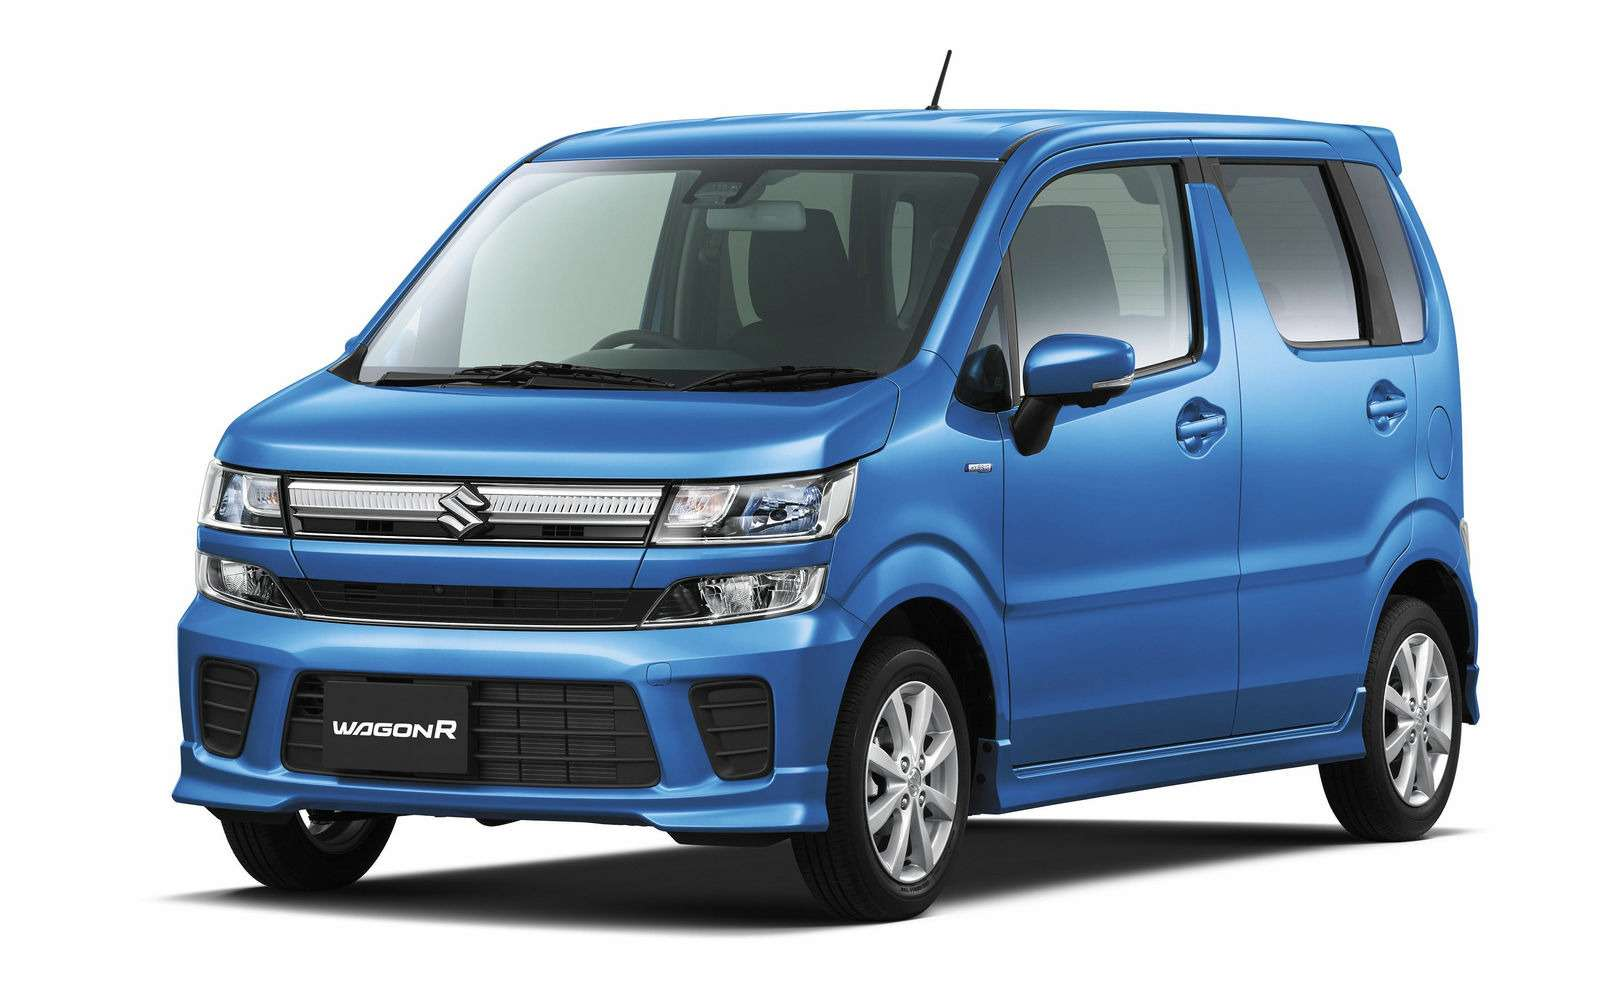 Новый Suzuki Wagon R: слюбовью кАмерике— фото 701845